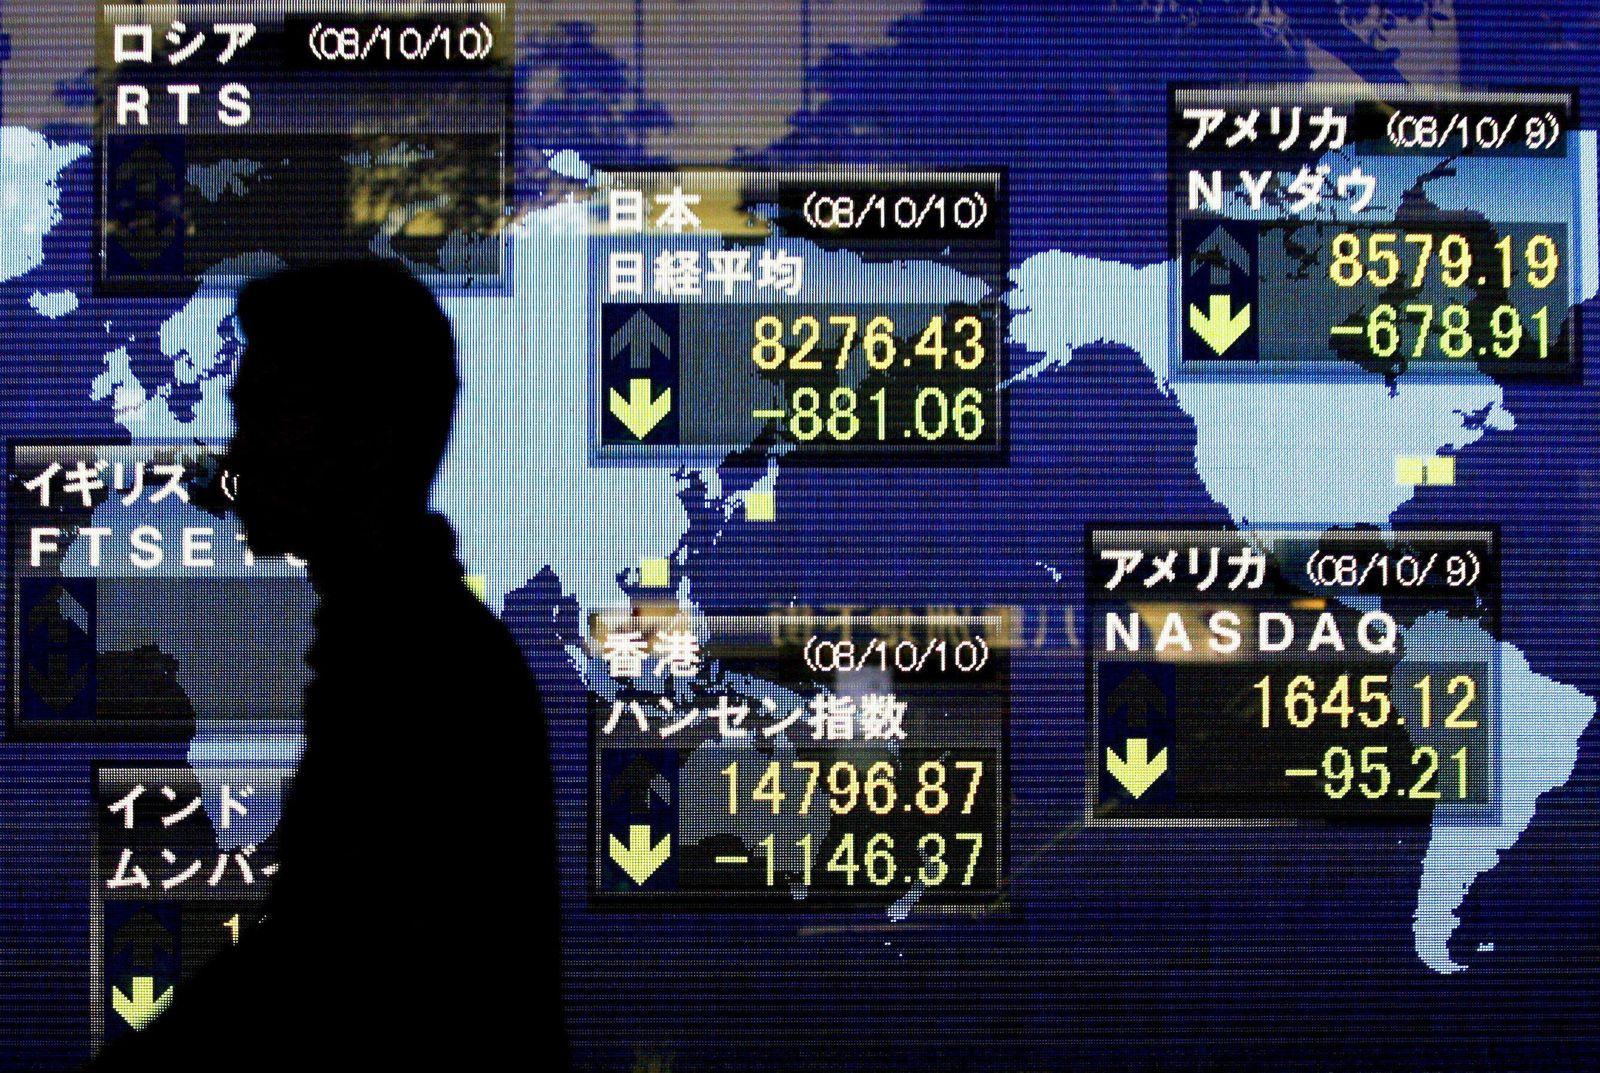 Dramatischer Einbruch an Tokios Börse - Nikkei mit drittgrößtem Tagesverlust